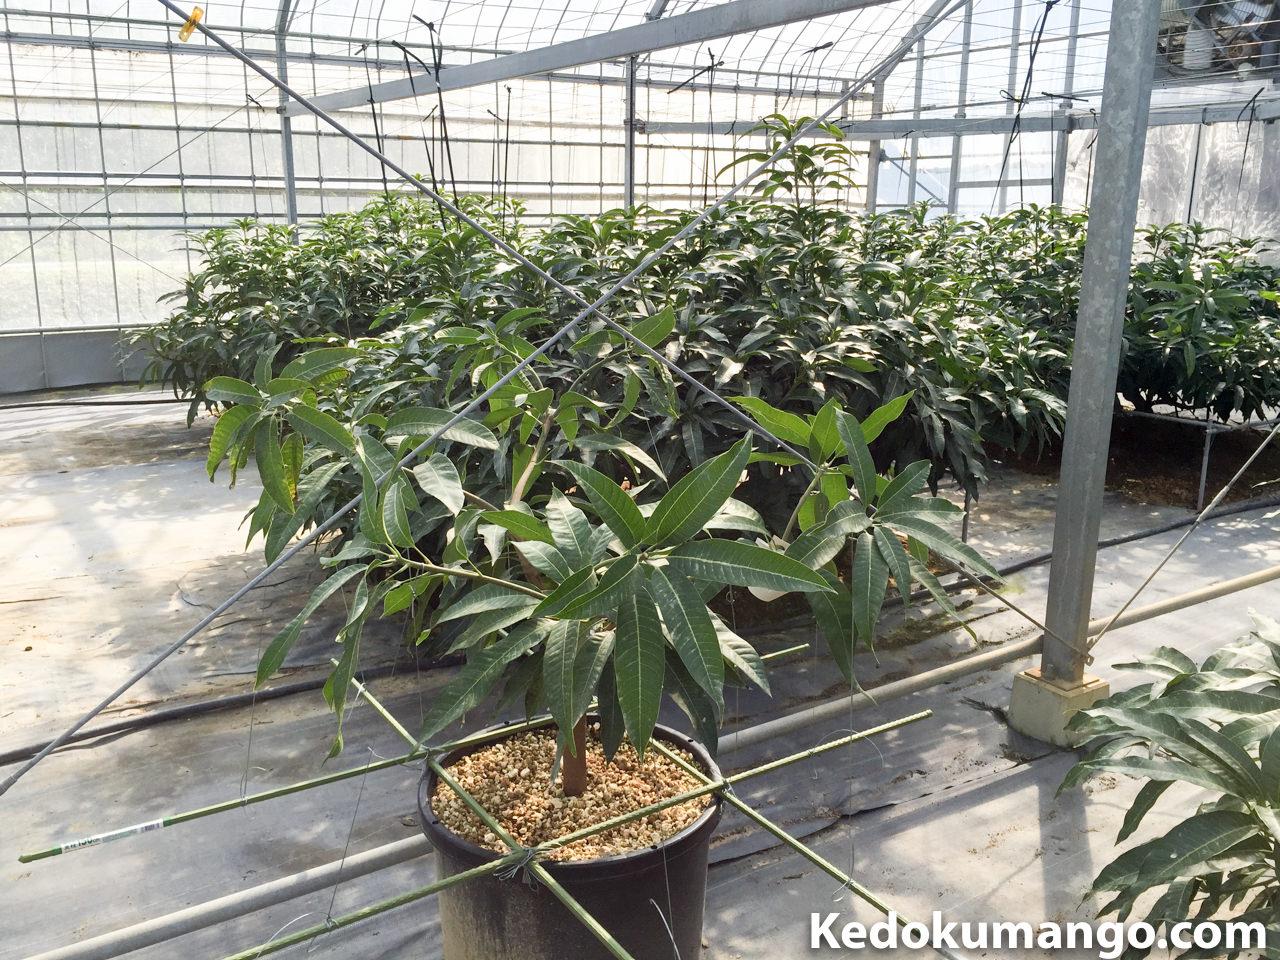 栽培1年目の「金蜜マンゴー」を切り返し剪定したよ! | 花徳マンゴー